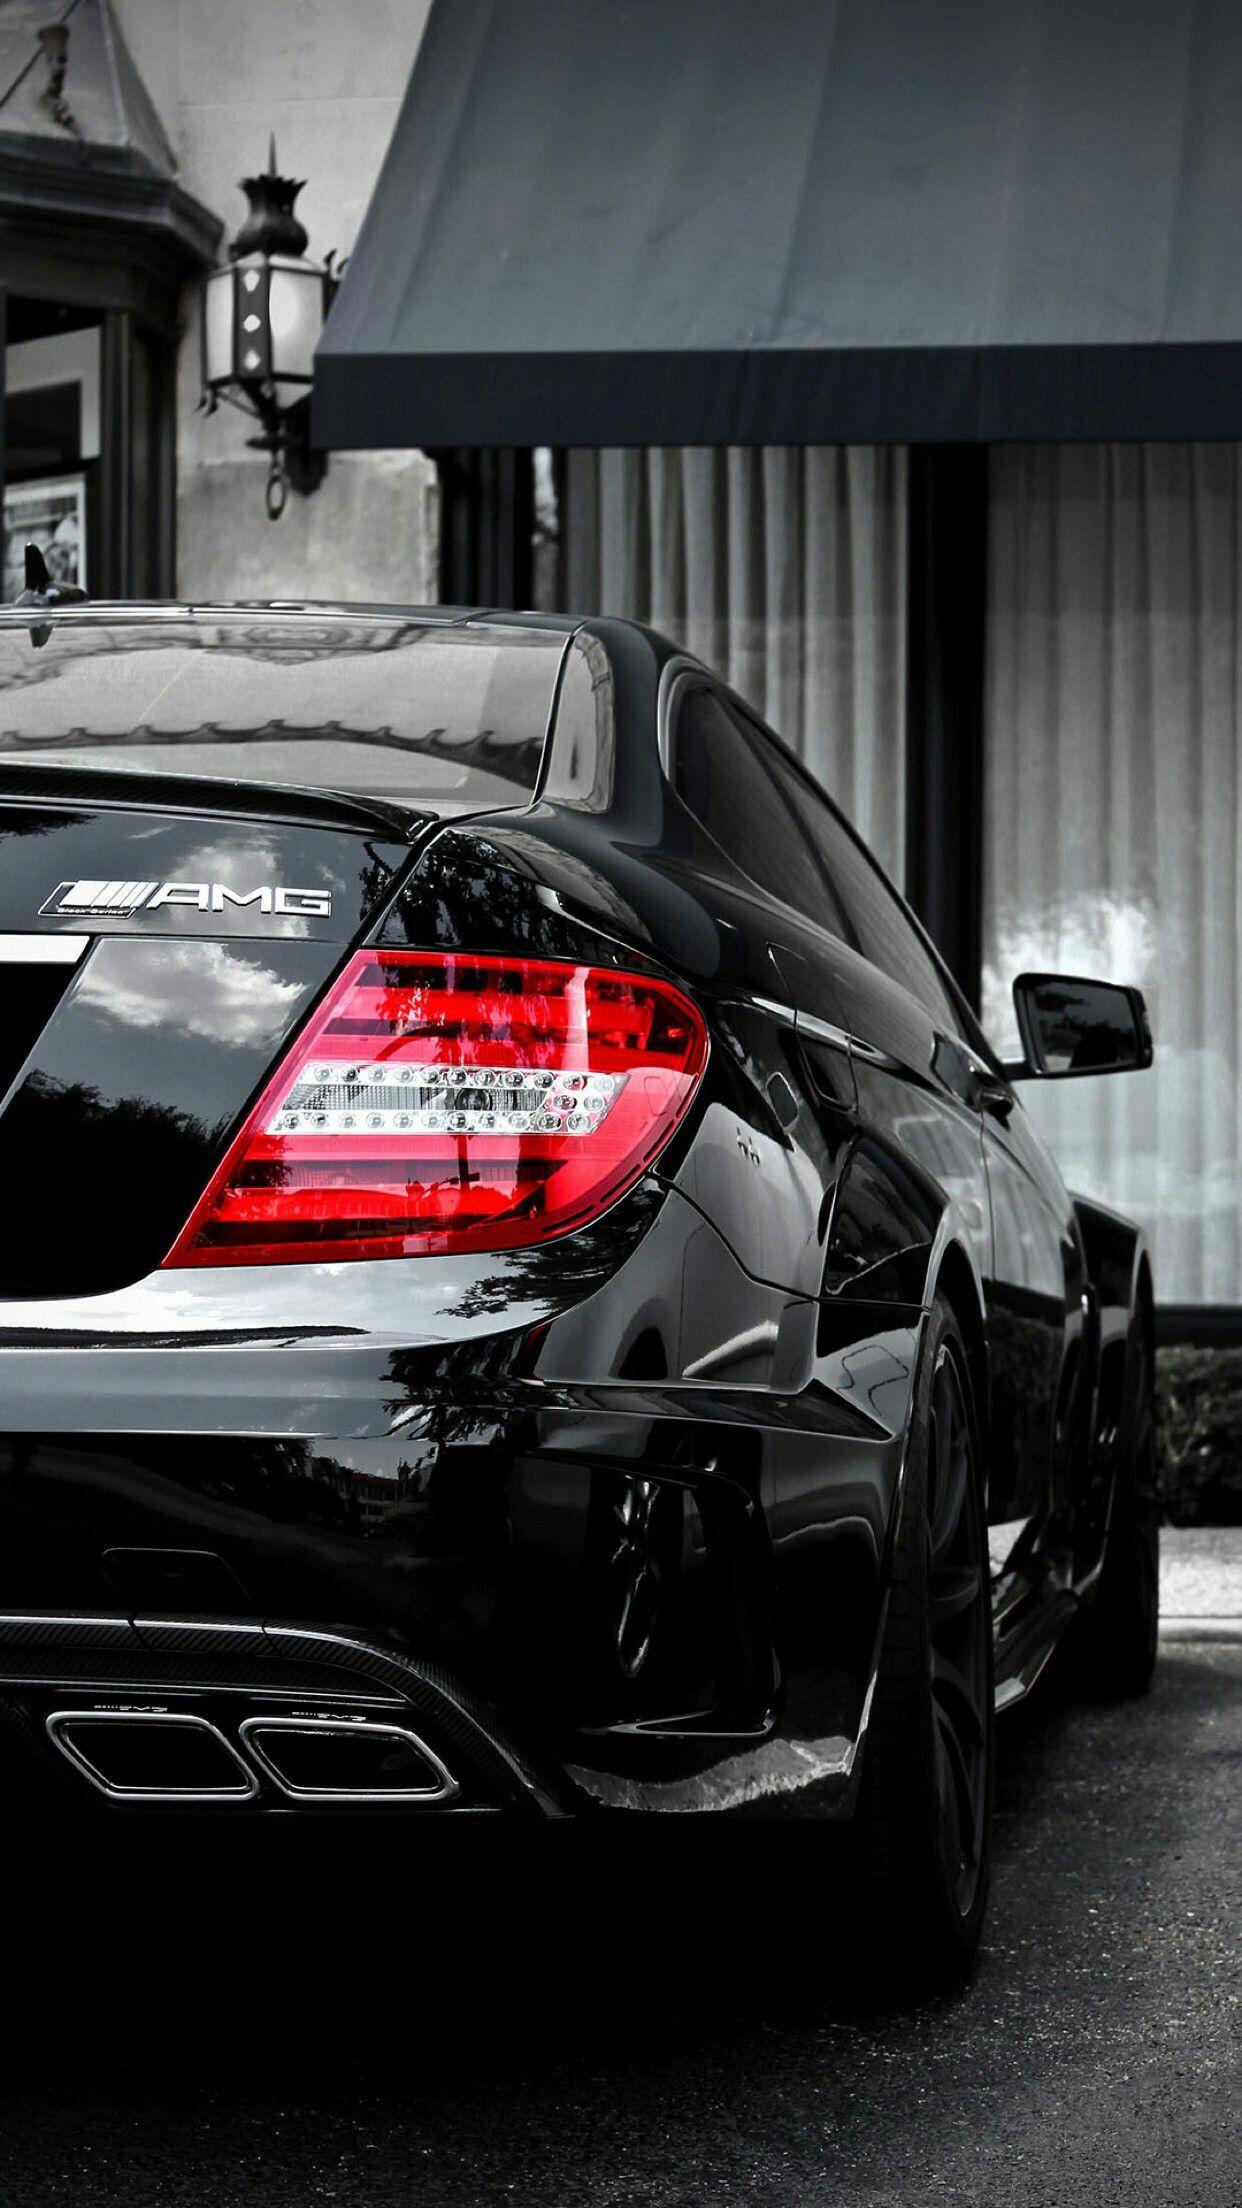 C63 Amg Mercedes Benz C63 Mercedes Benz C63 Amg Mercedes Car